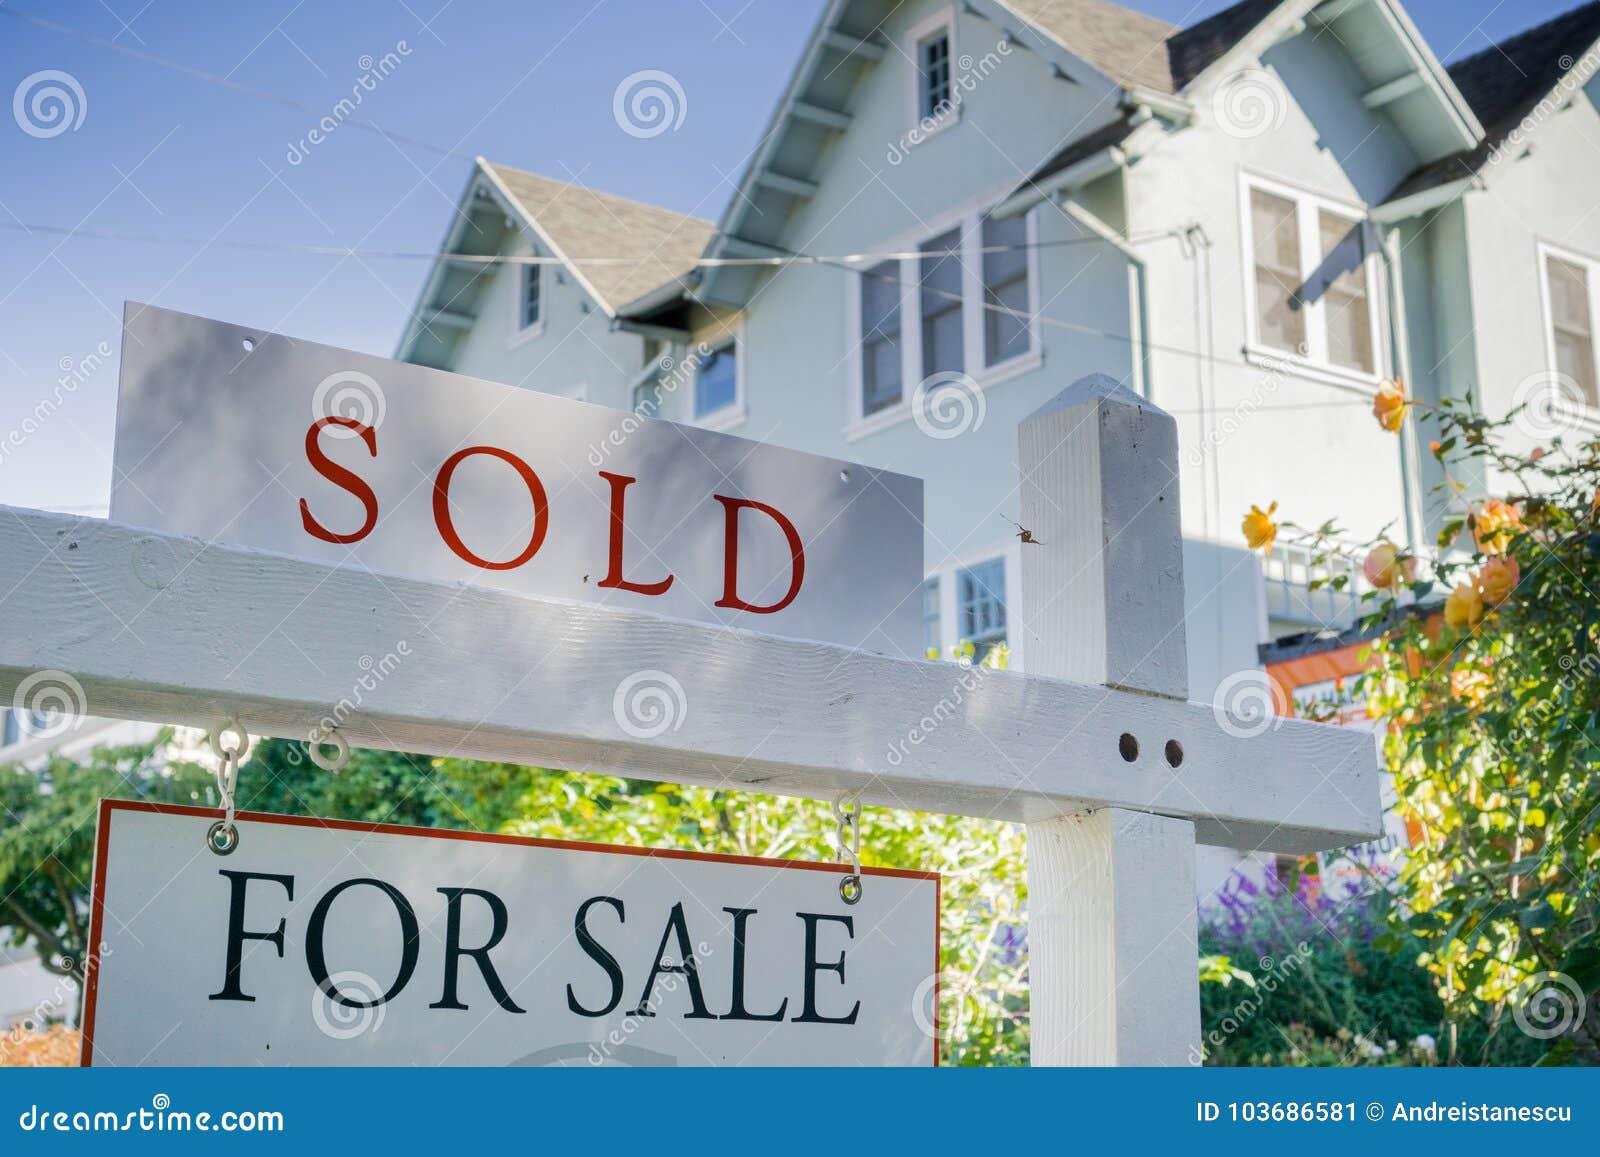 Πωλημένο σημάδι μπροστά από ένα σπίτι σε μια κατοικημένη γειτονιά